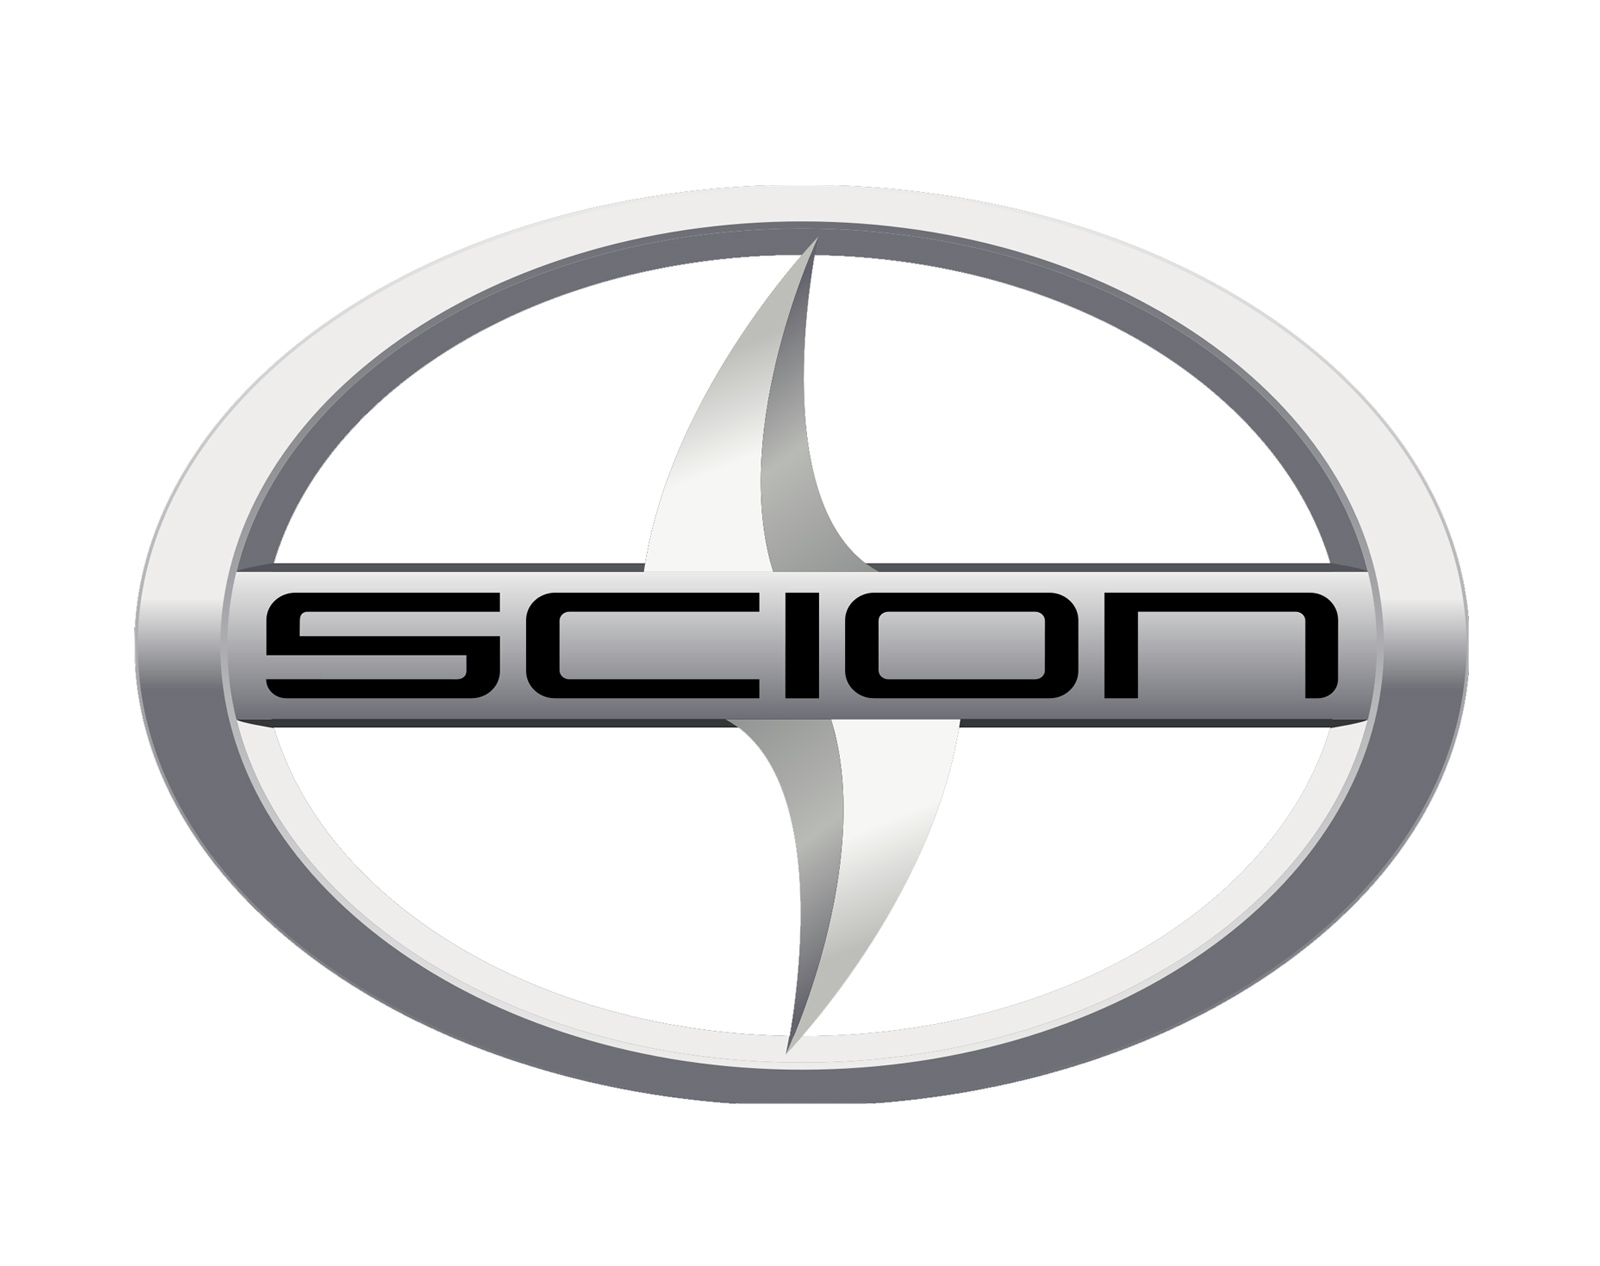 scion-cars-logo-emblem.jpg